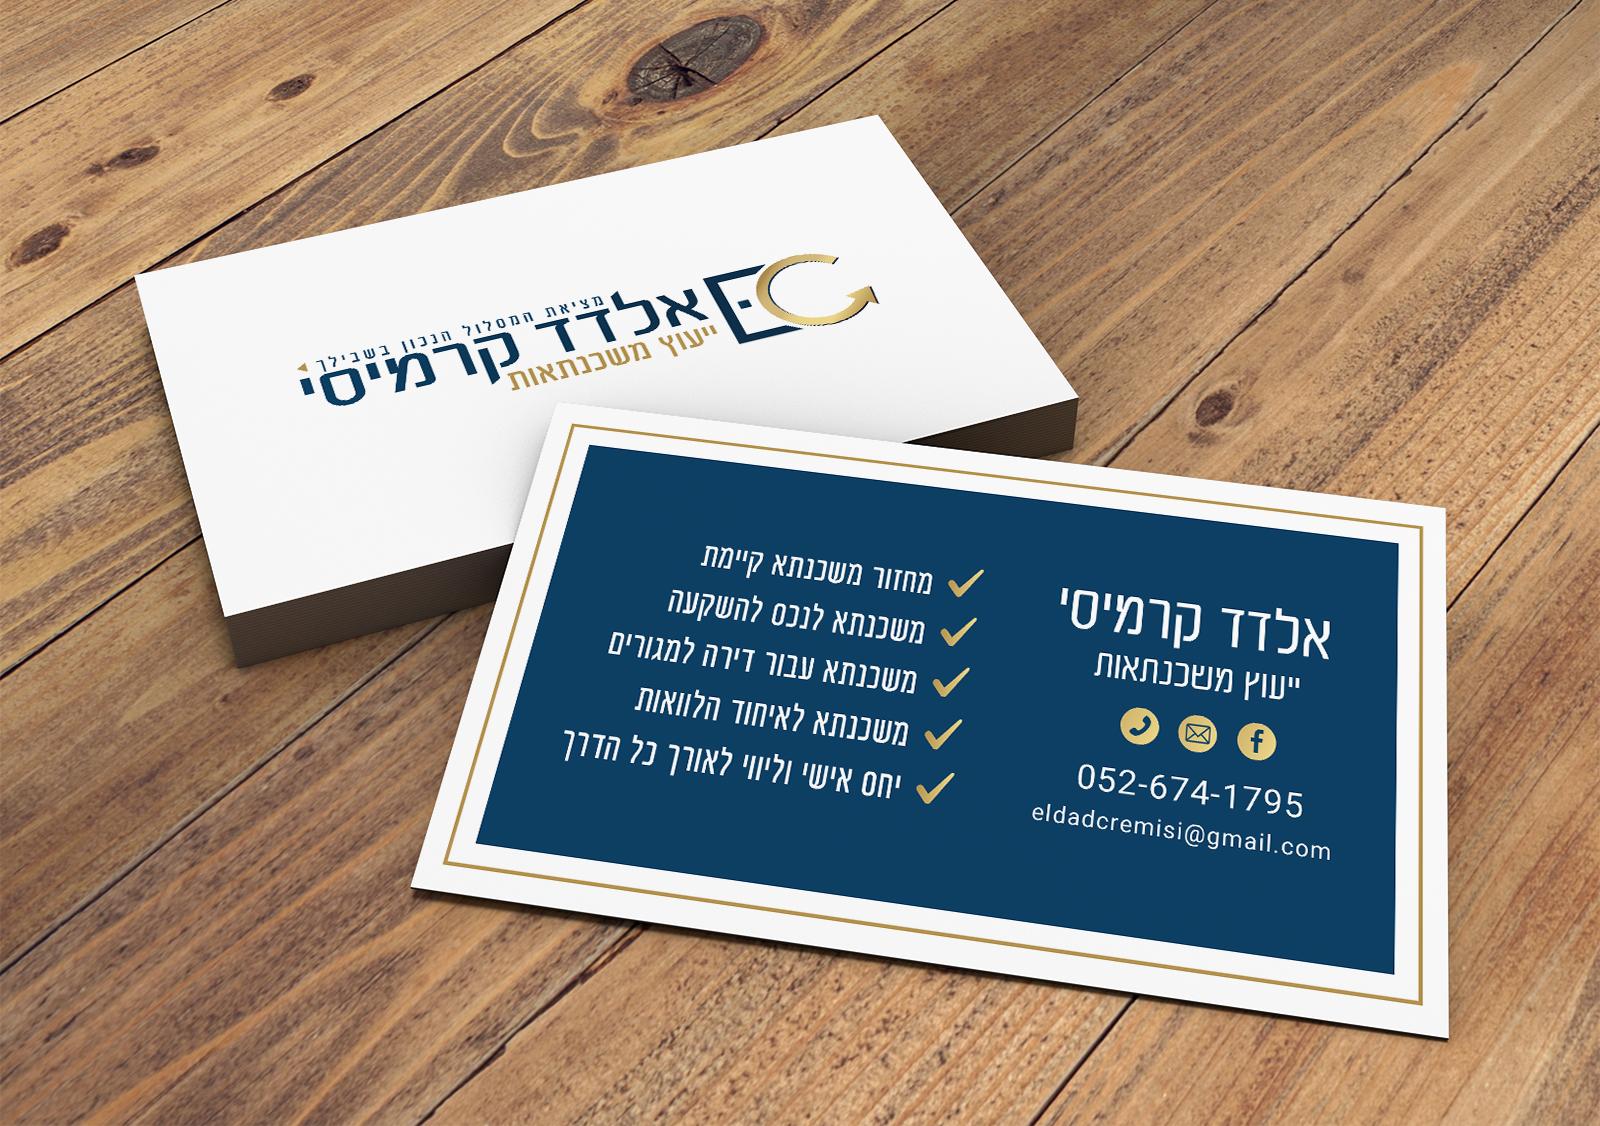 אלדד-קרמיסי- מיתוג עסקי - עיצוב כרטיס ביקור